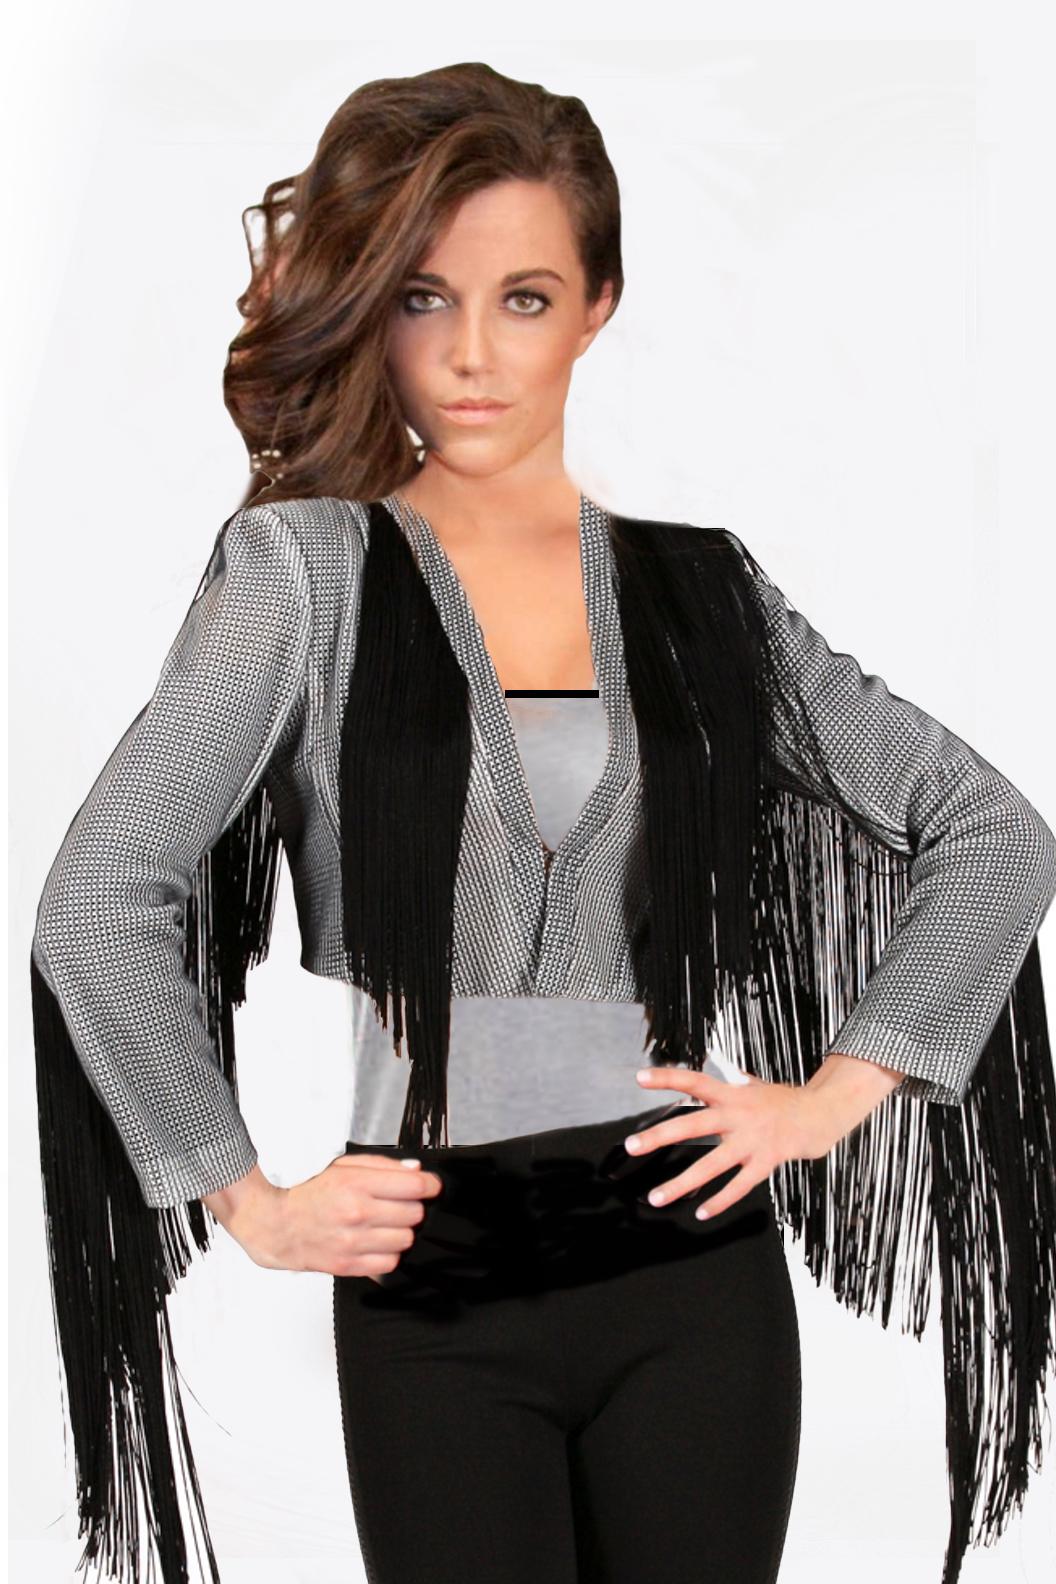 Black and White Checkered Fringe Jacket